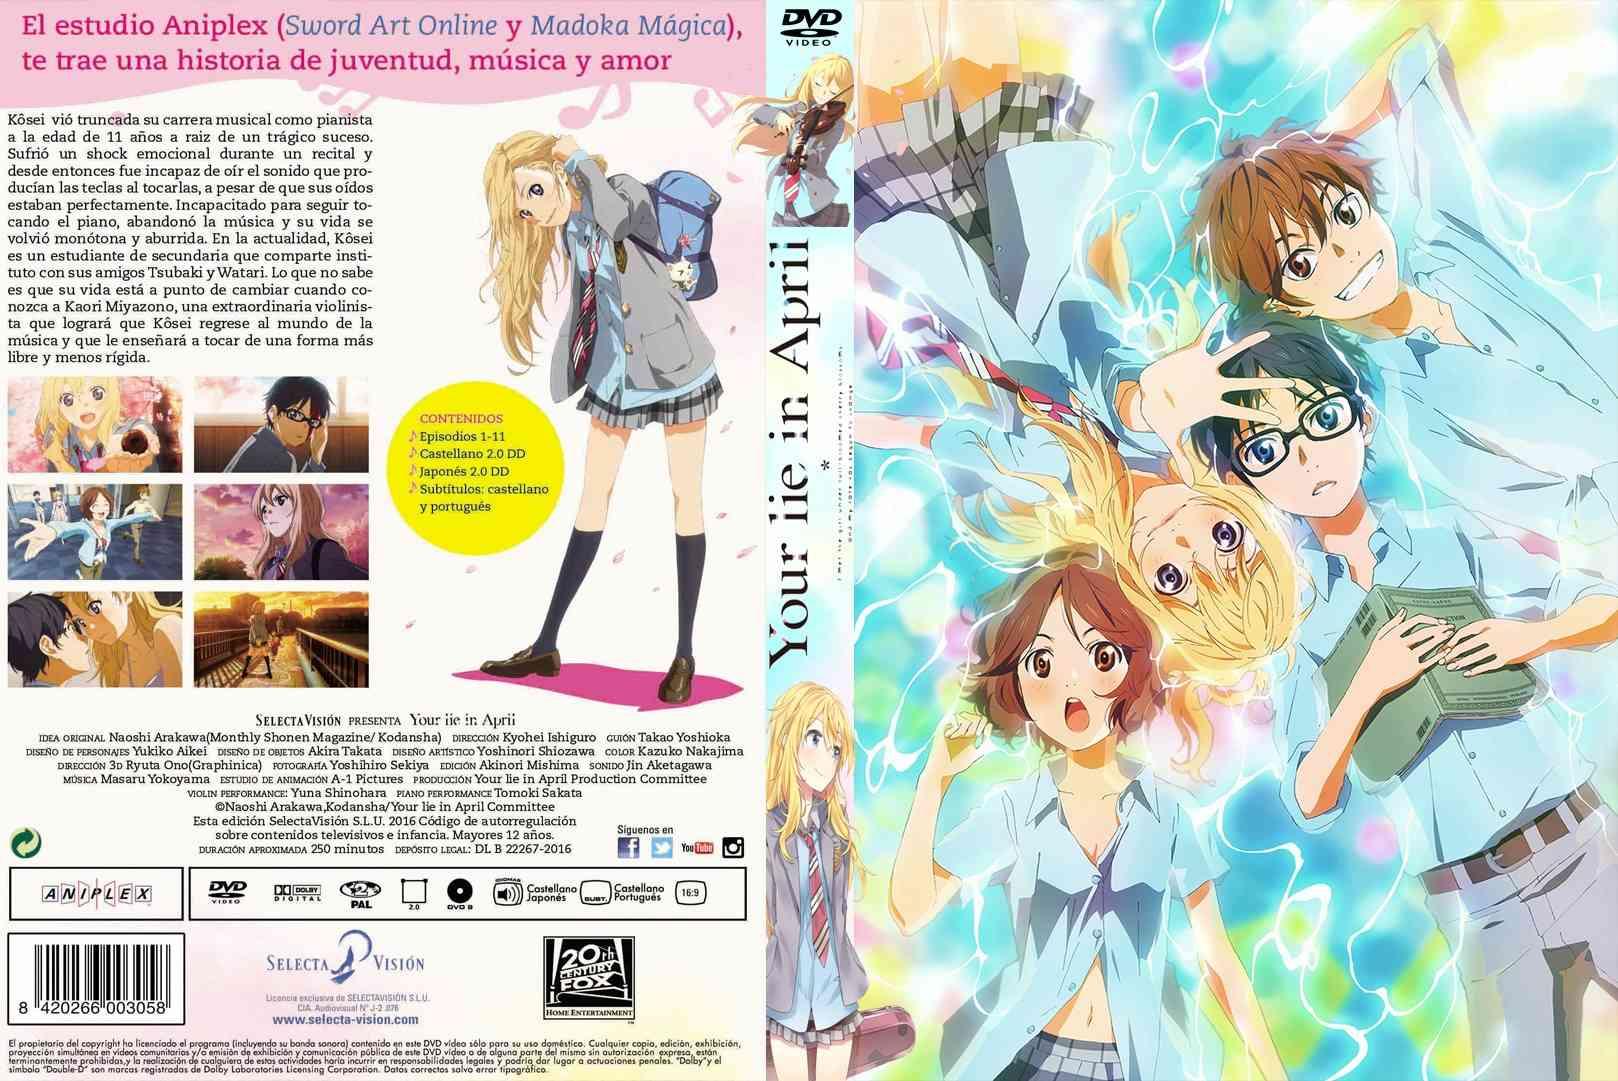 Caratula-COVER |  Your Lie in April- shigatsu wa kimi no uso en DVD COMPLETA Shigat10